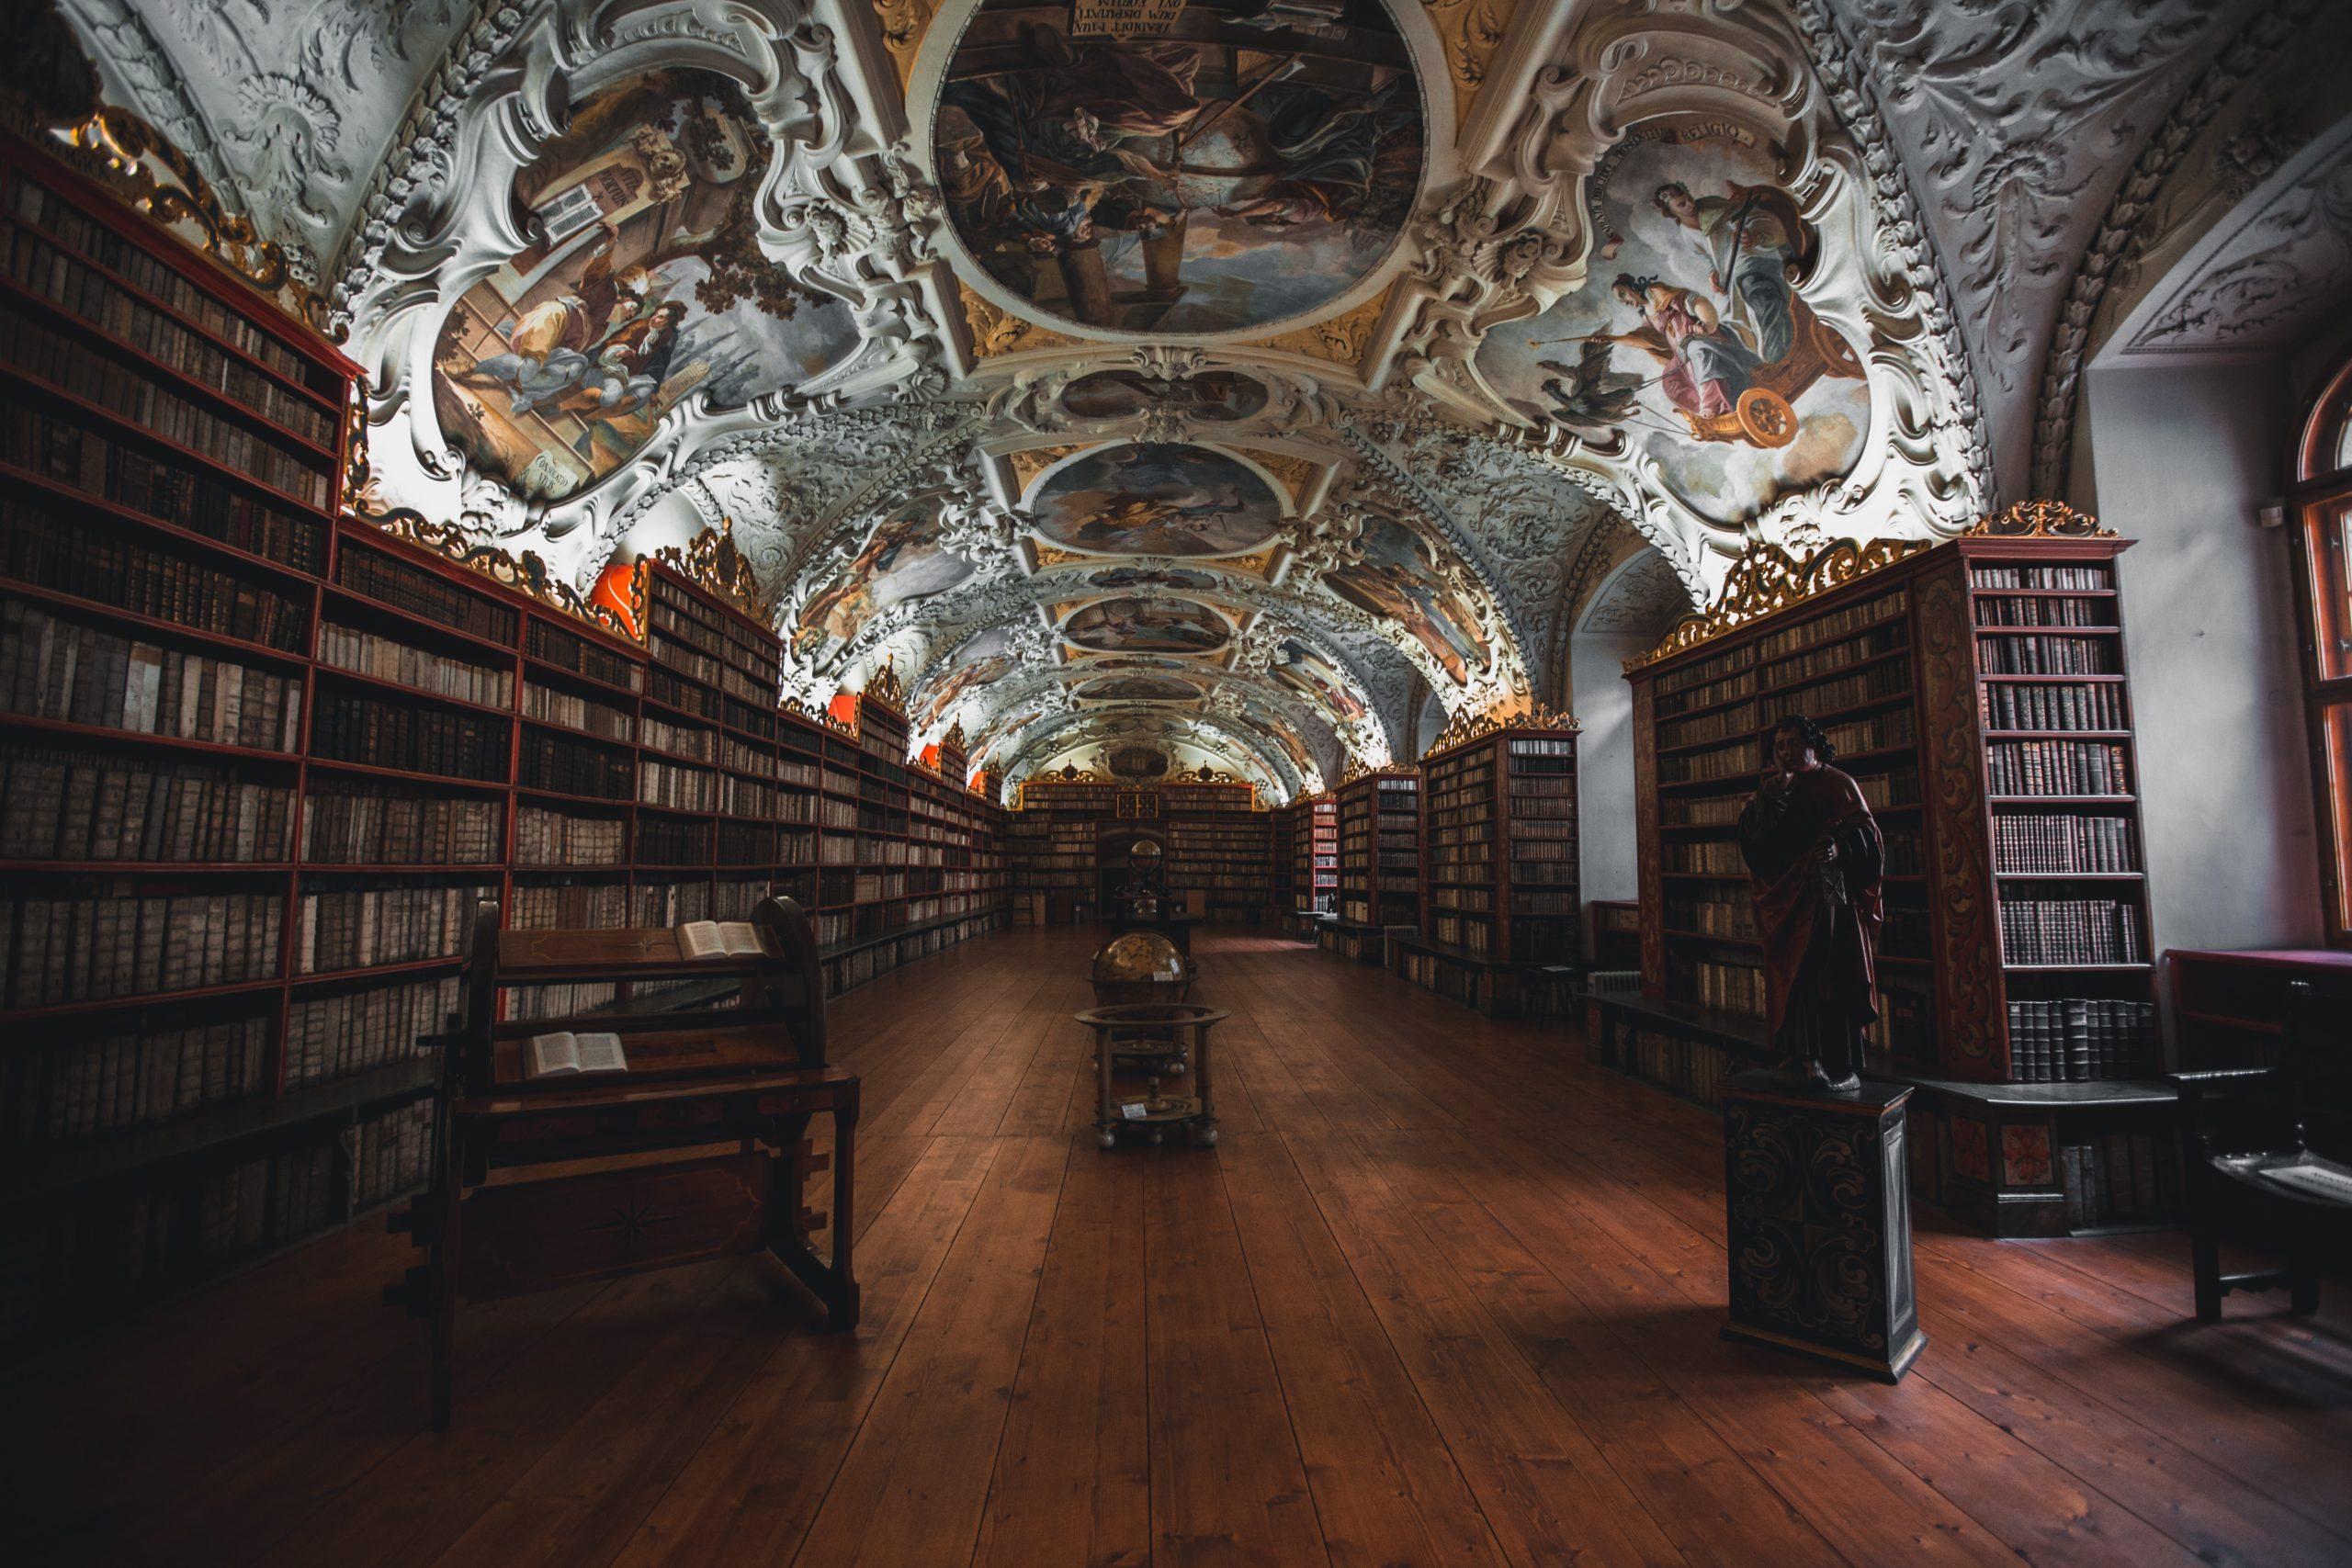 أجمل المكتبات وأعظمها في أوروبا